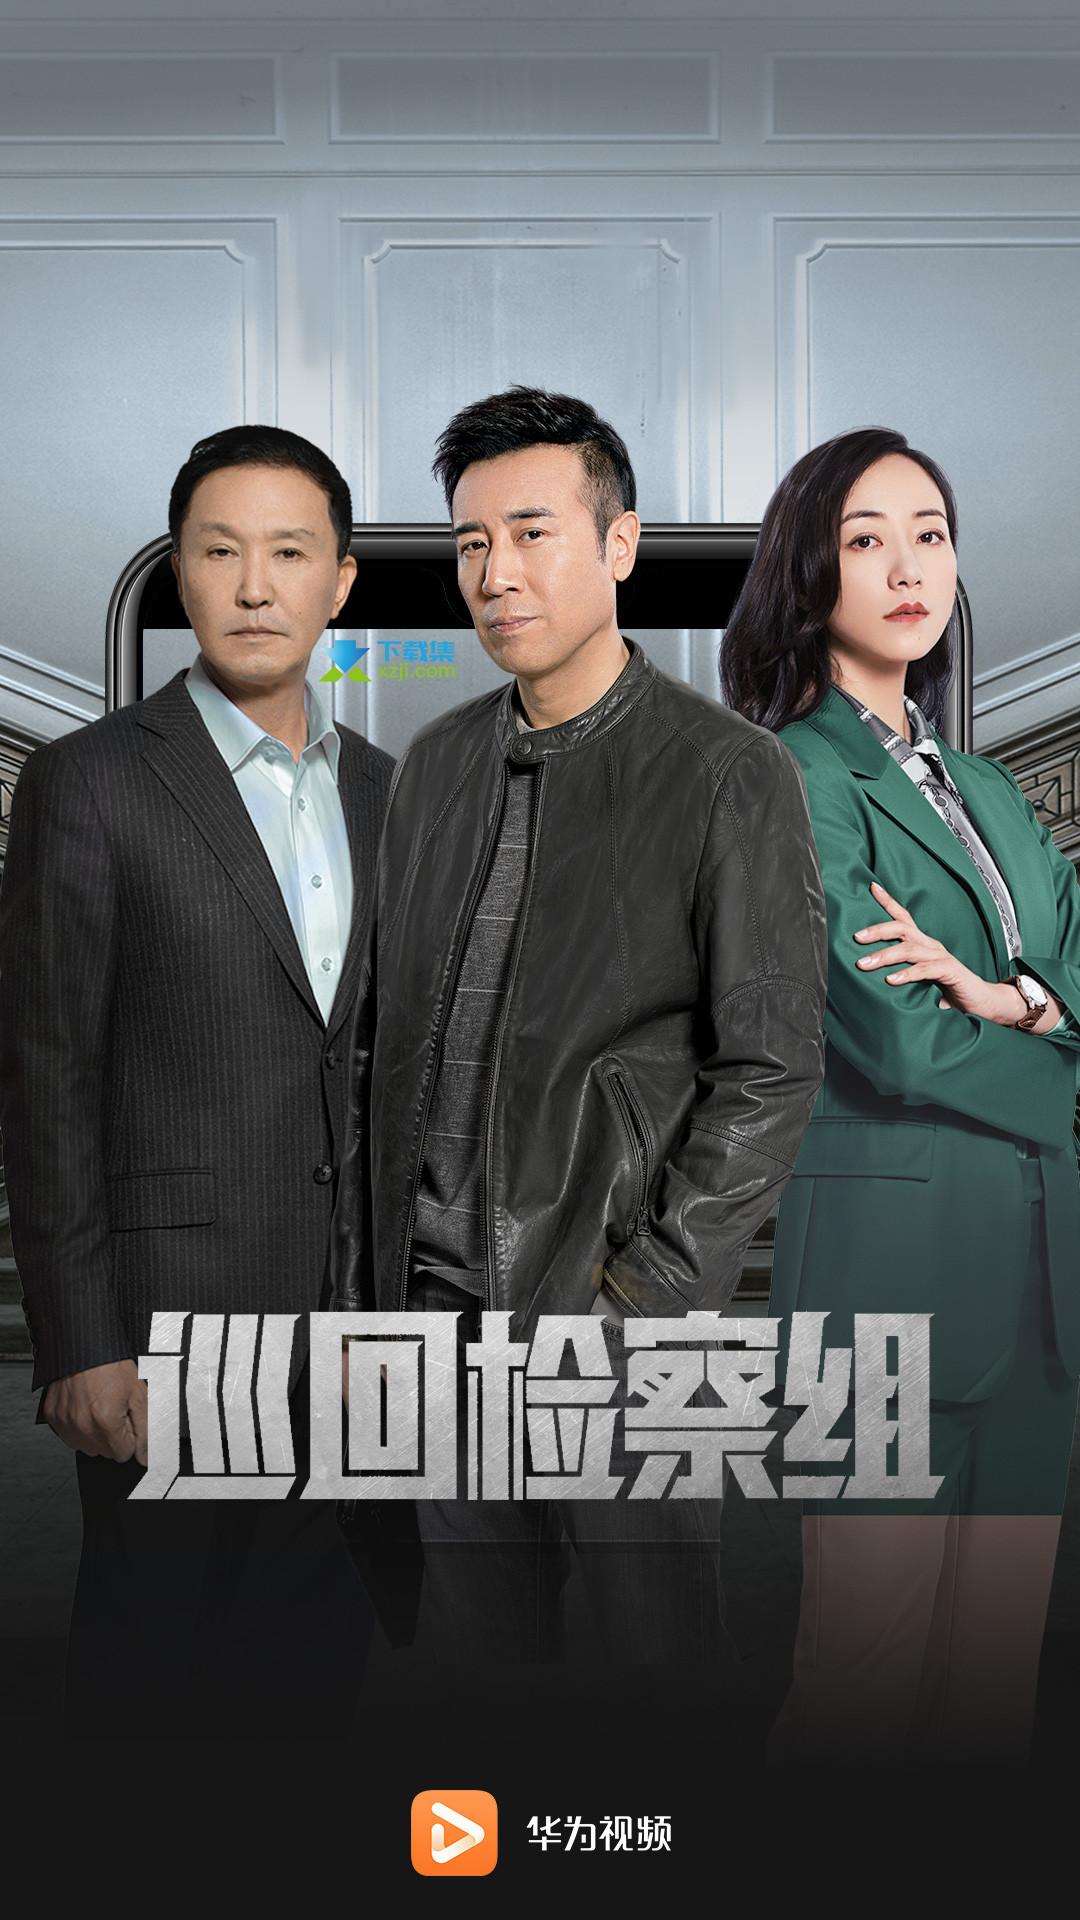 华为视频界面3